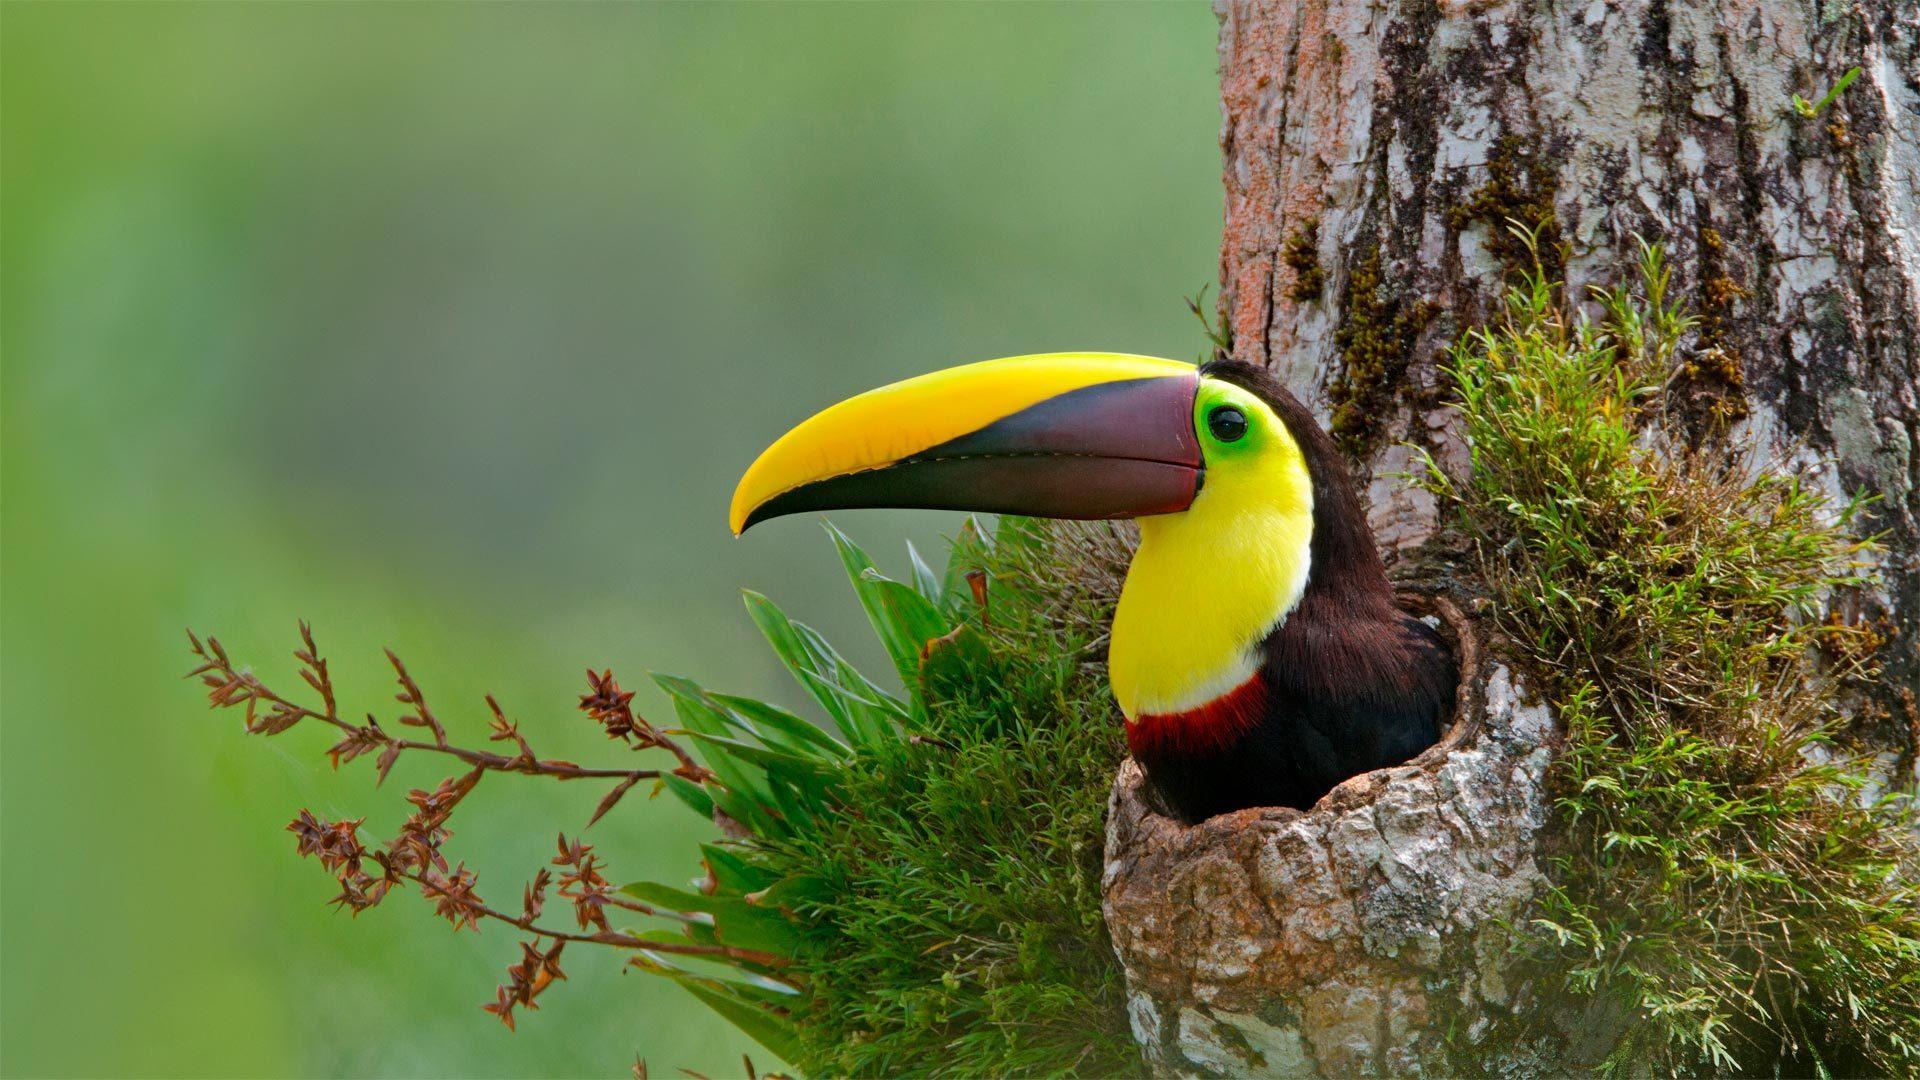 巢穴中的栗嘴巨嘴鸟栗嘴巨嘴鸟